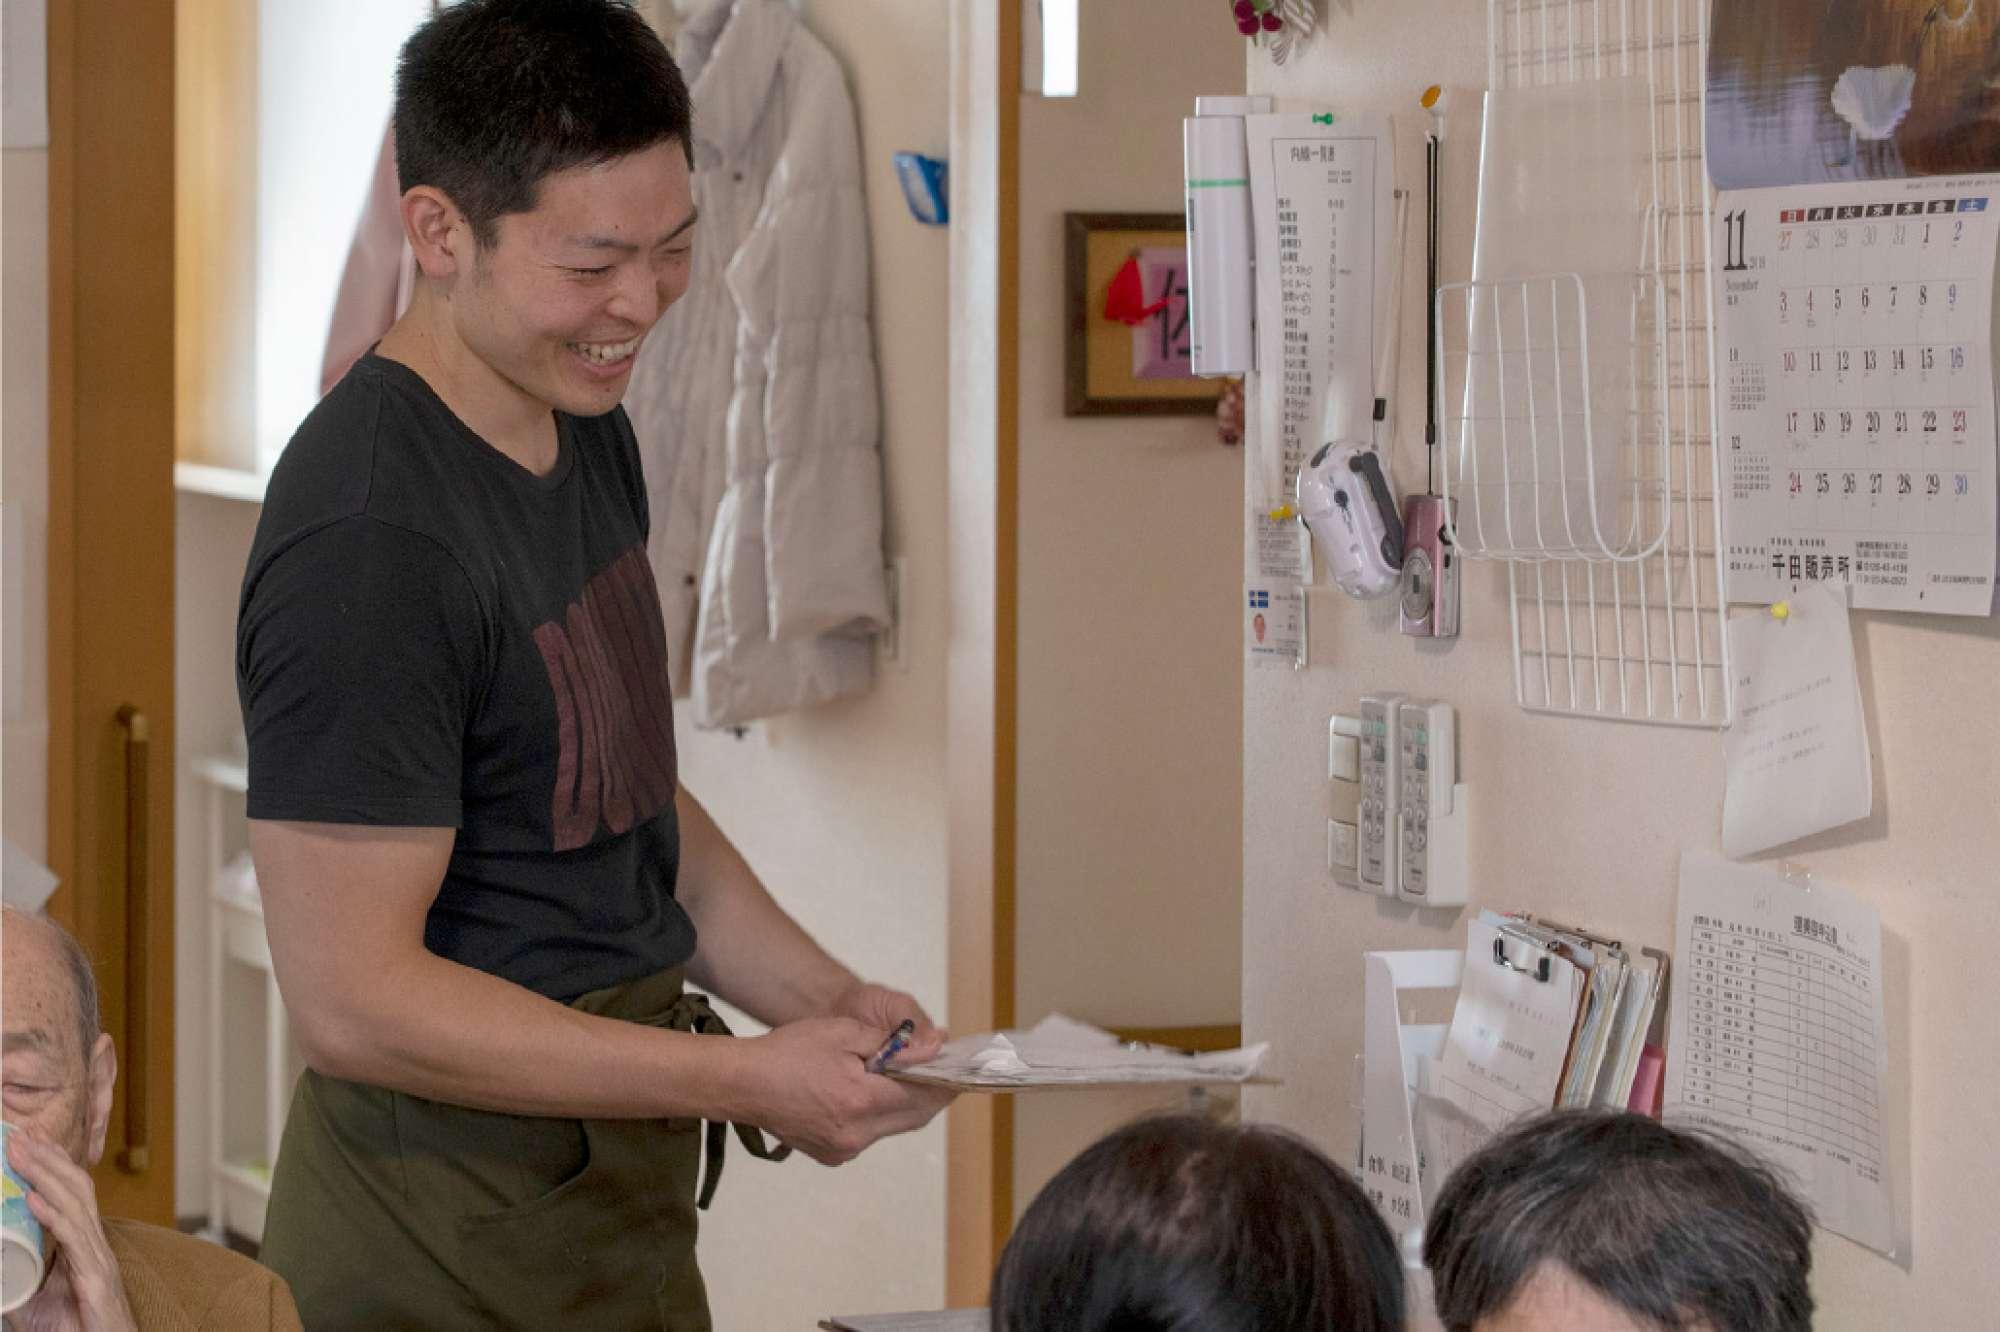 鈴木内科医院で働こうと思ったきっかけは? - スポーツクラブのインストラクターを3年半していましたが、そこは正社員雇用がなく、何年働いてもアルバイト扱いだったので、正社員できちんと働きたいと思い転職を考えていました。そして合同企業説明会に参加し、そこで数社お話を聞いたのですが、とにかく鈴木内科医院の事務長の言葉に「力」がありました。今後の社会での働き方などにも説得力があり、鈴木内科医院しかない!という感じでした。 -  -